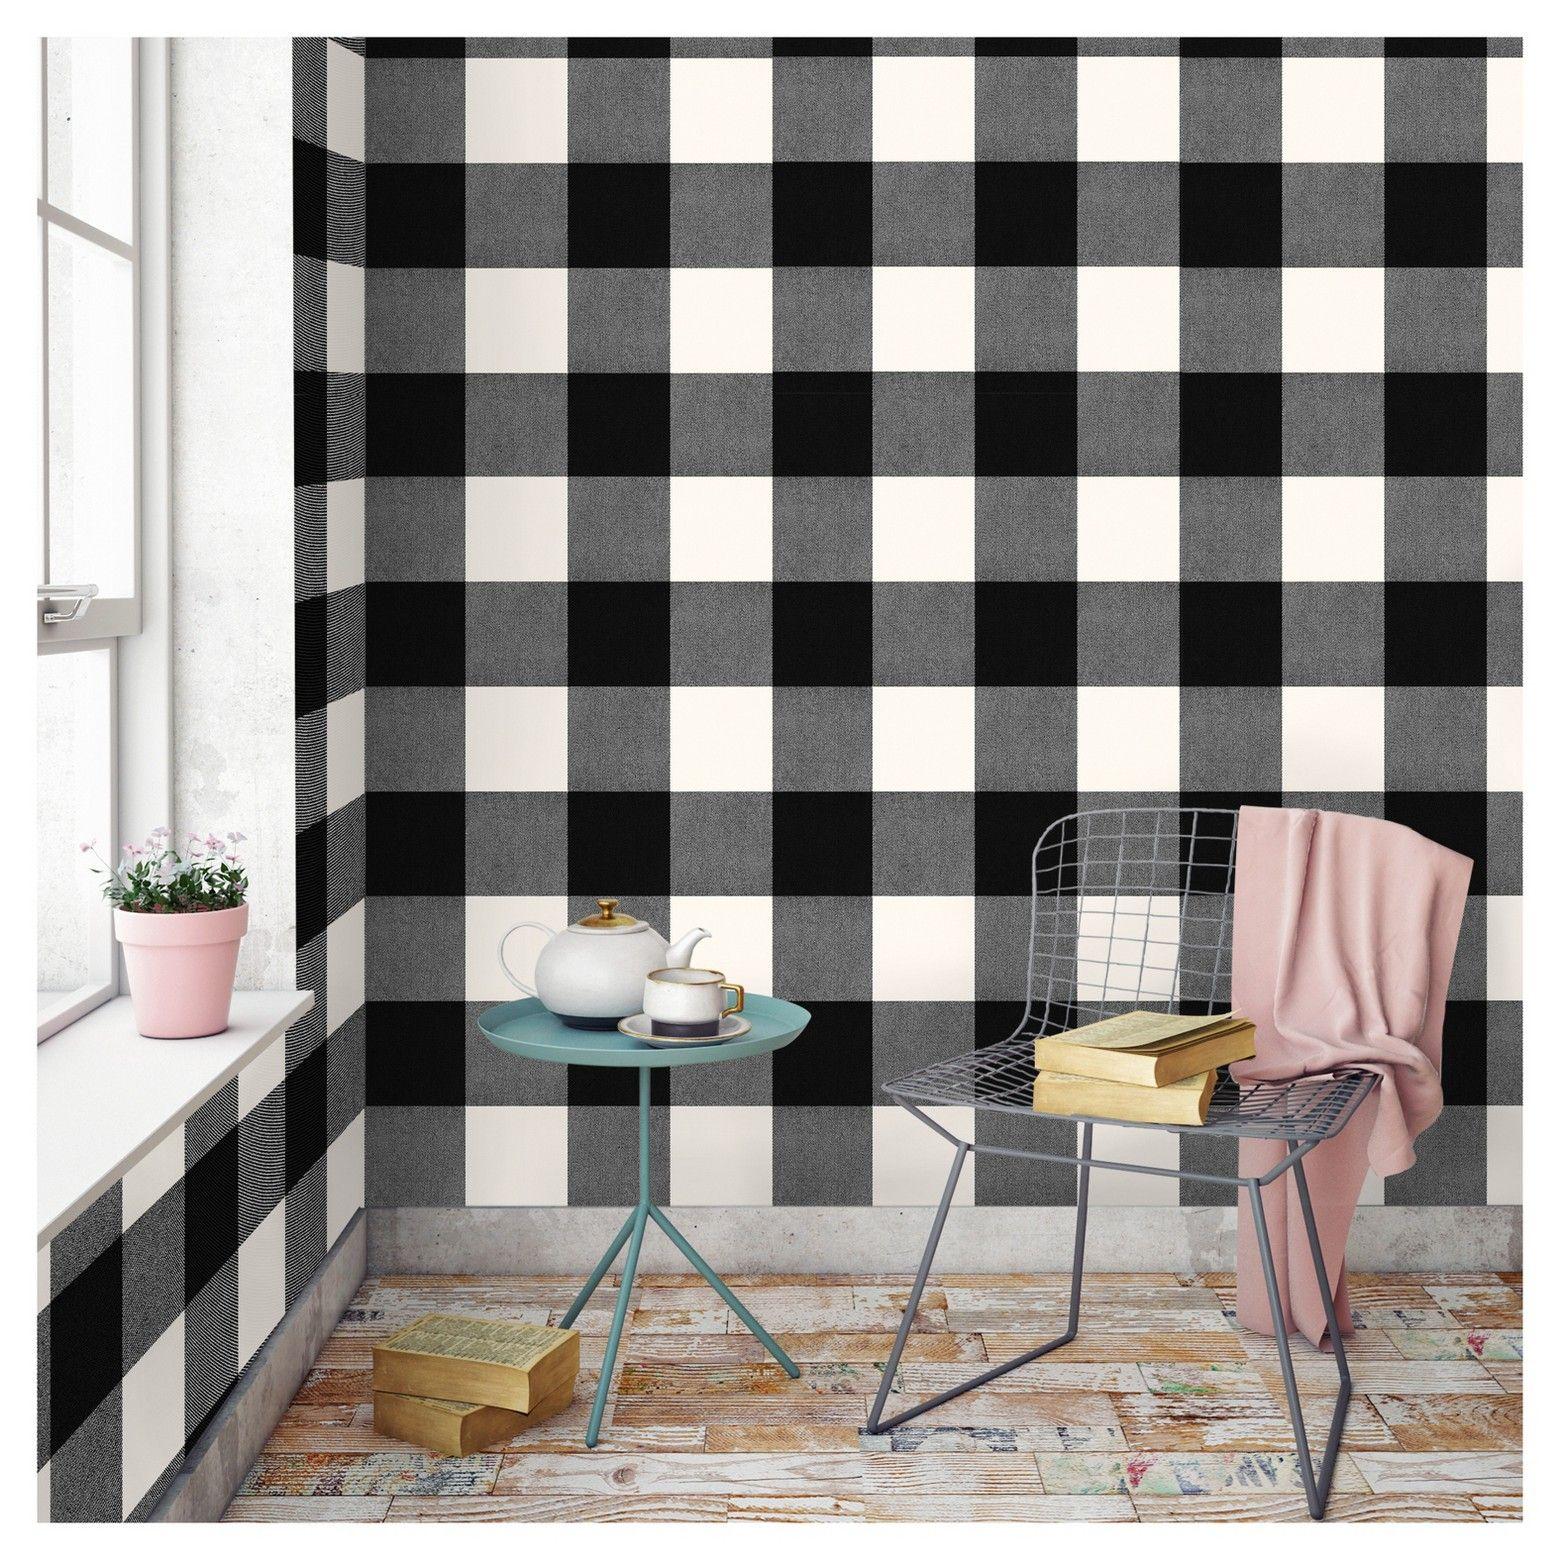 Buffalo Plaid Peel Stick Wallpaper Black Threshold Peel And Stick Wallpaper Plaid Wallpaper Buffalo Plaid